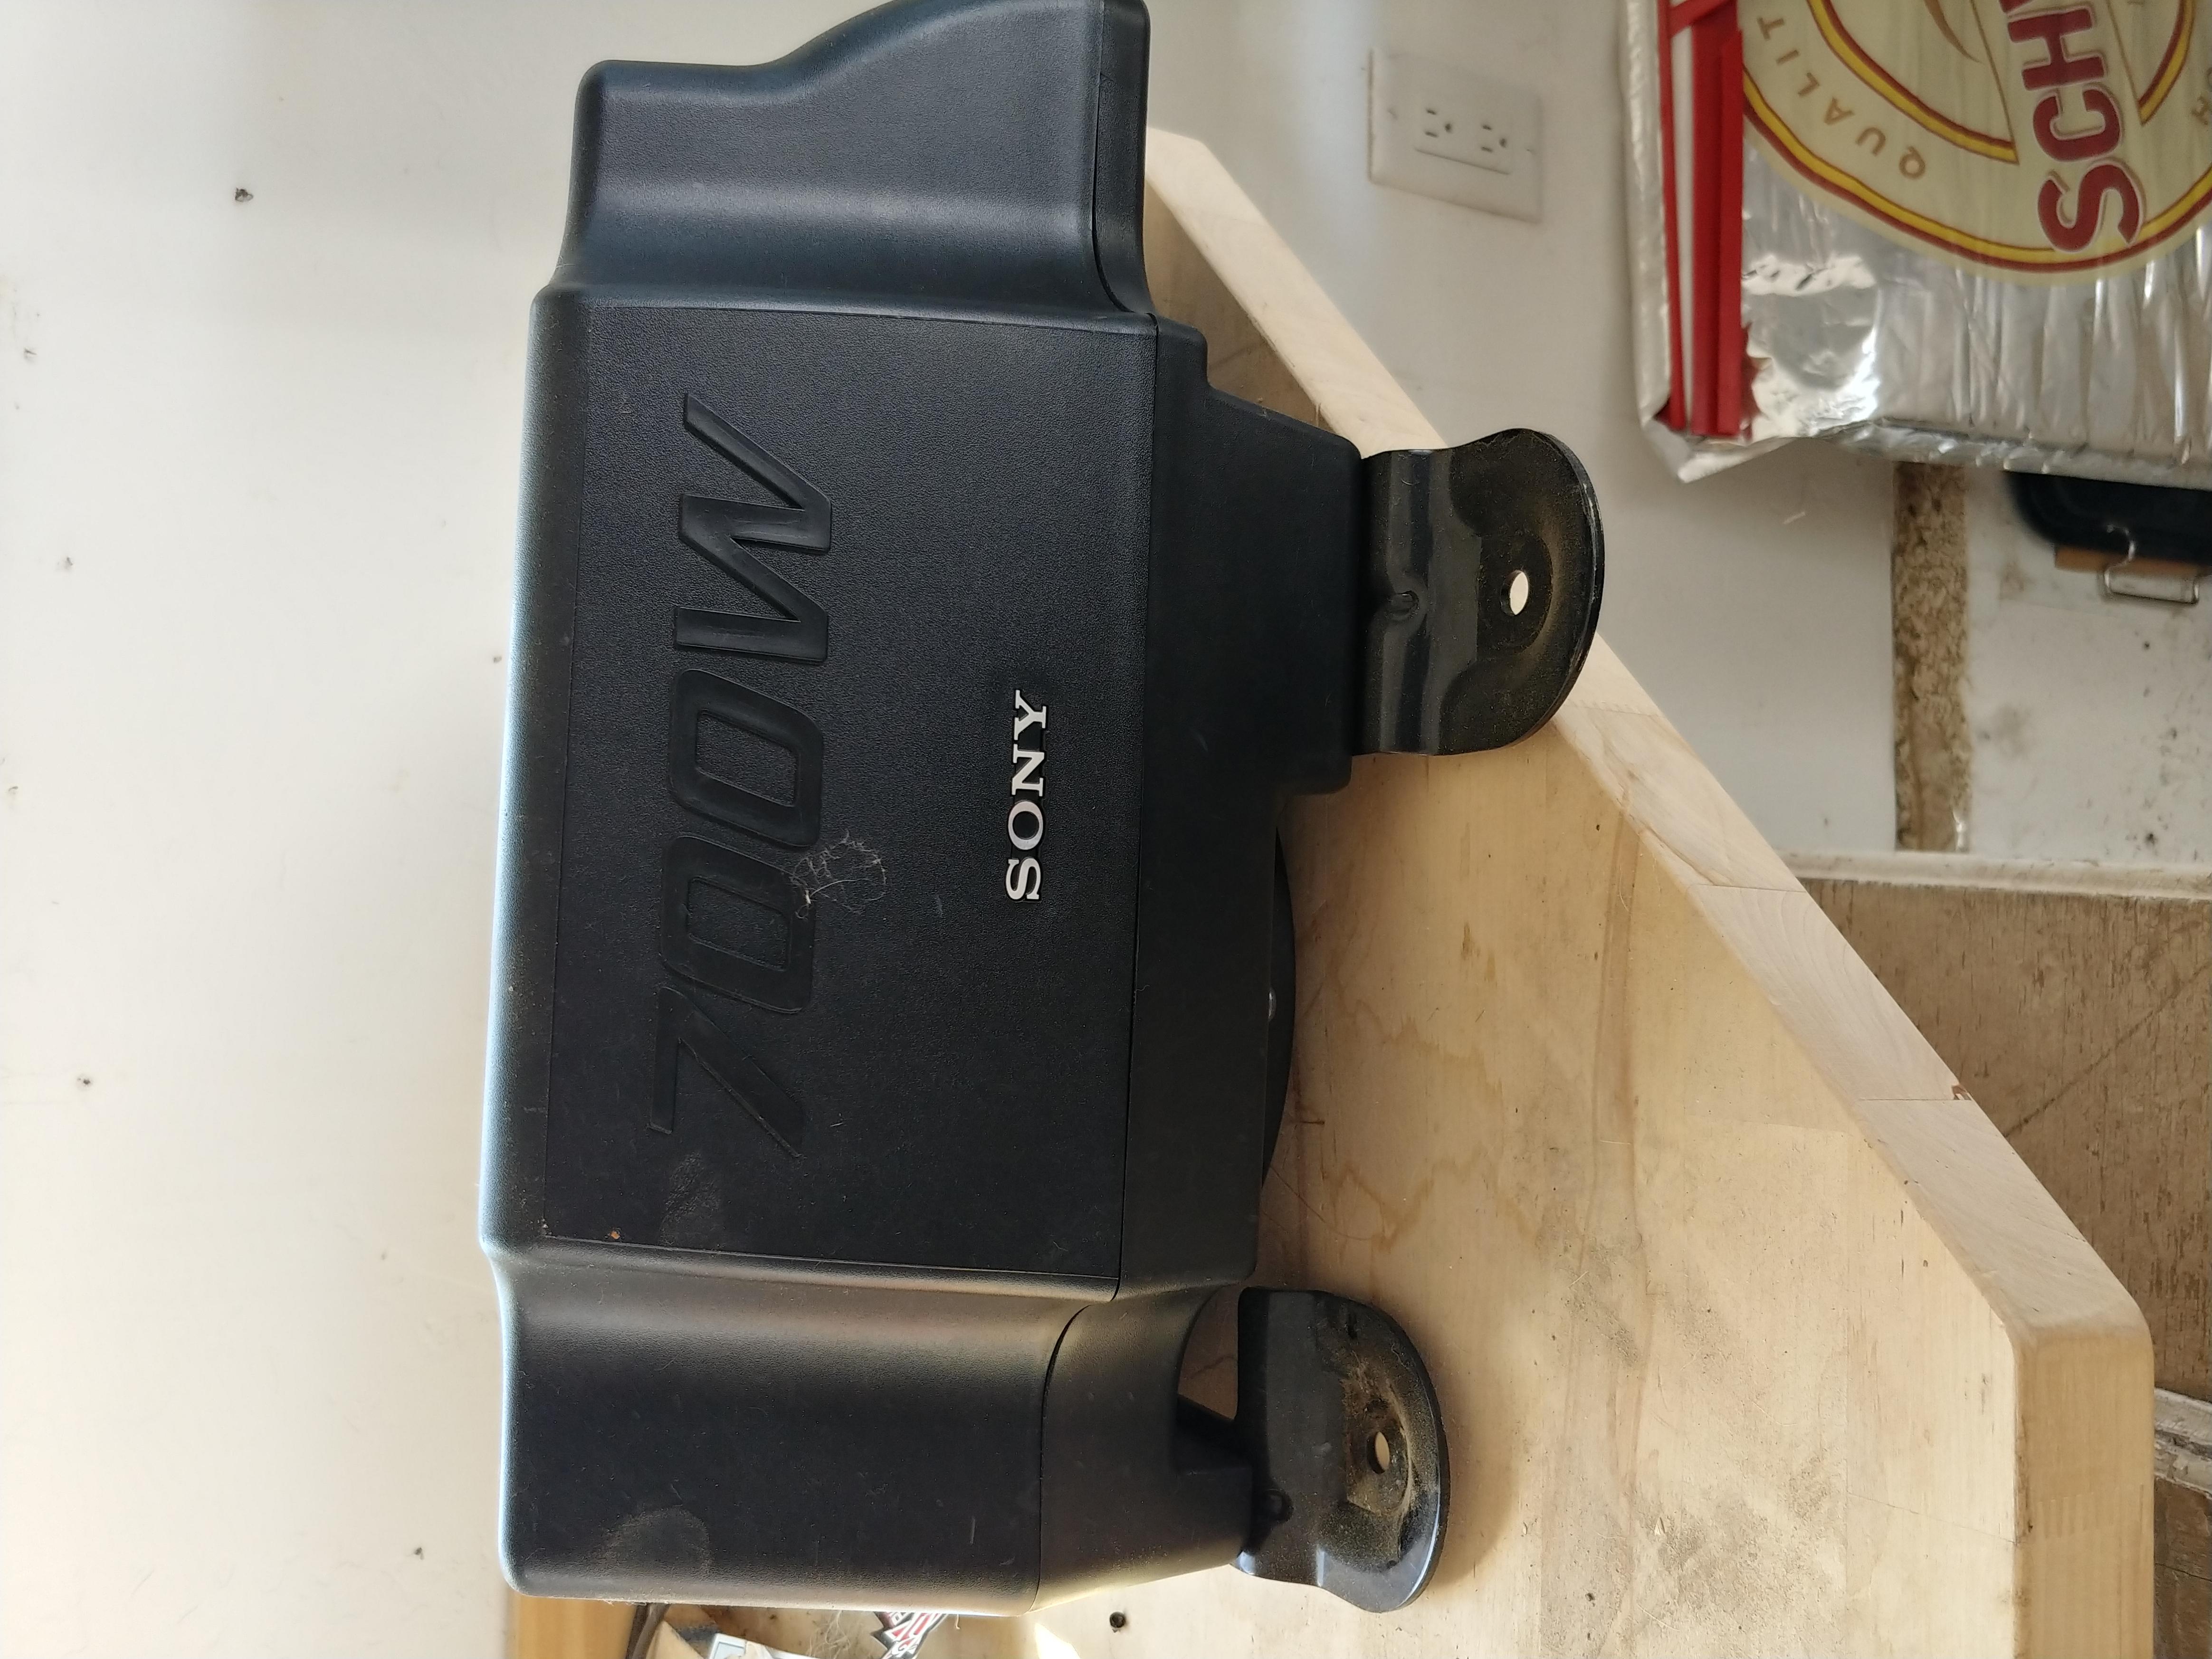 Sony 700w